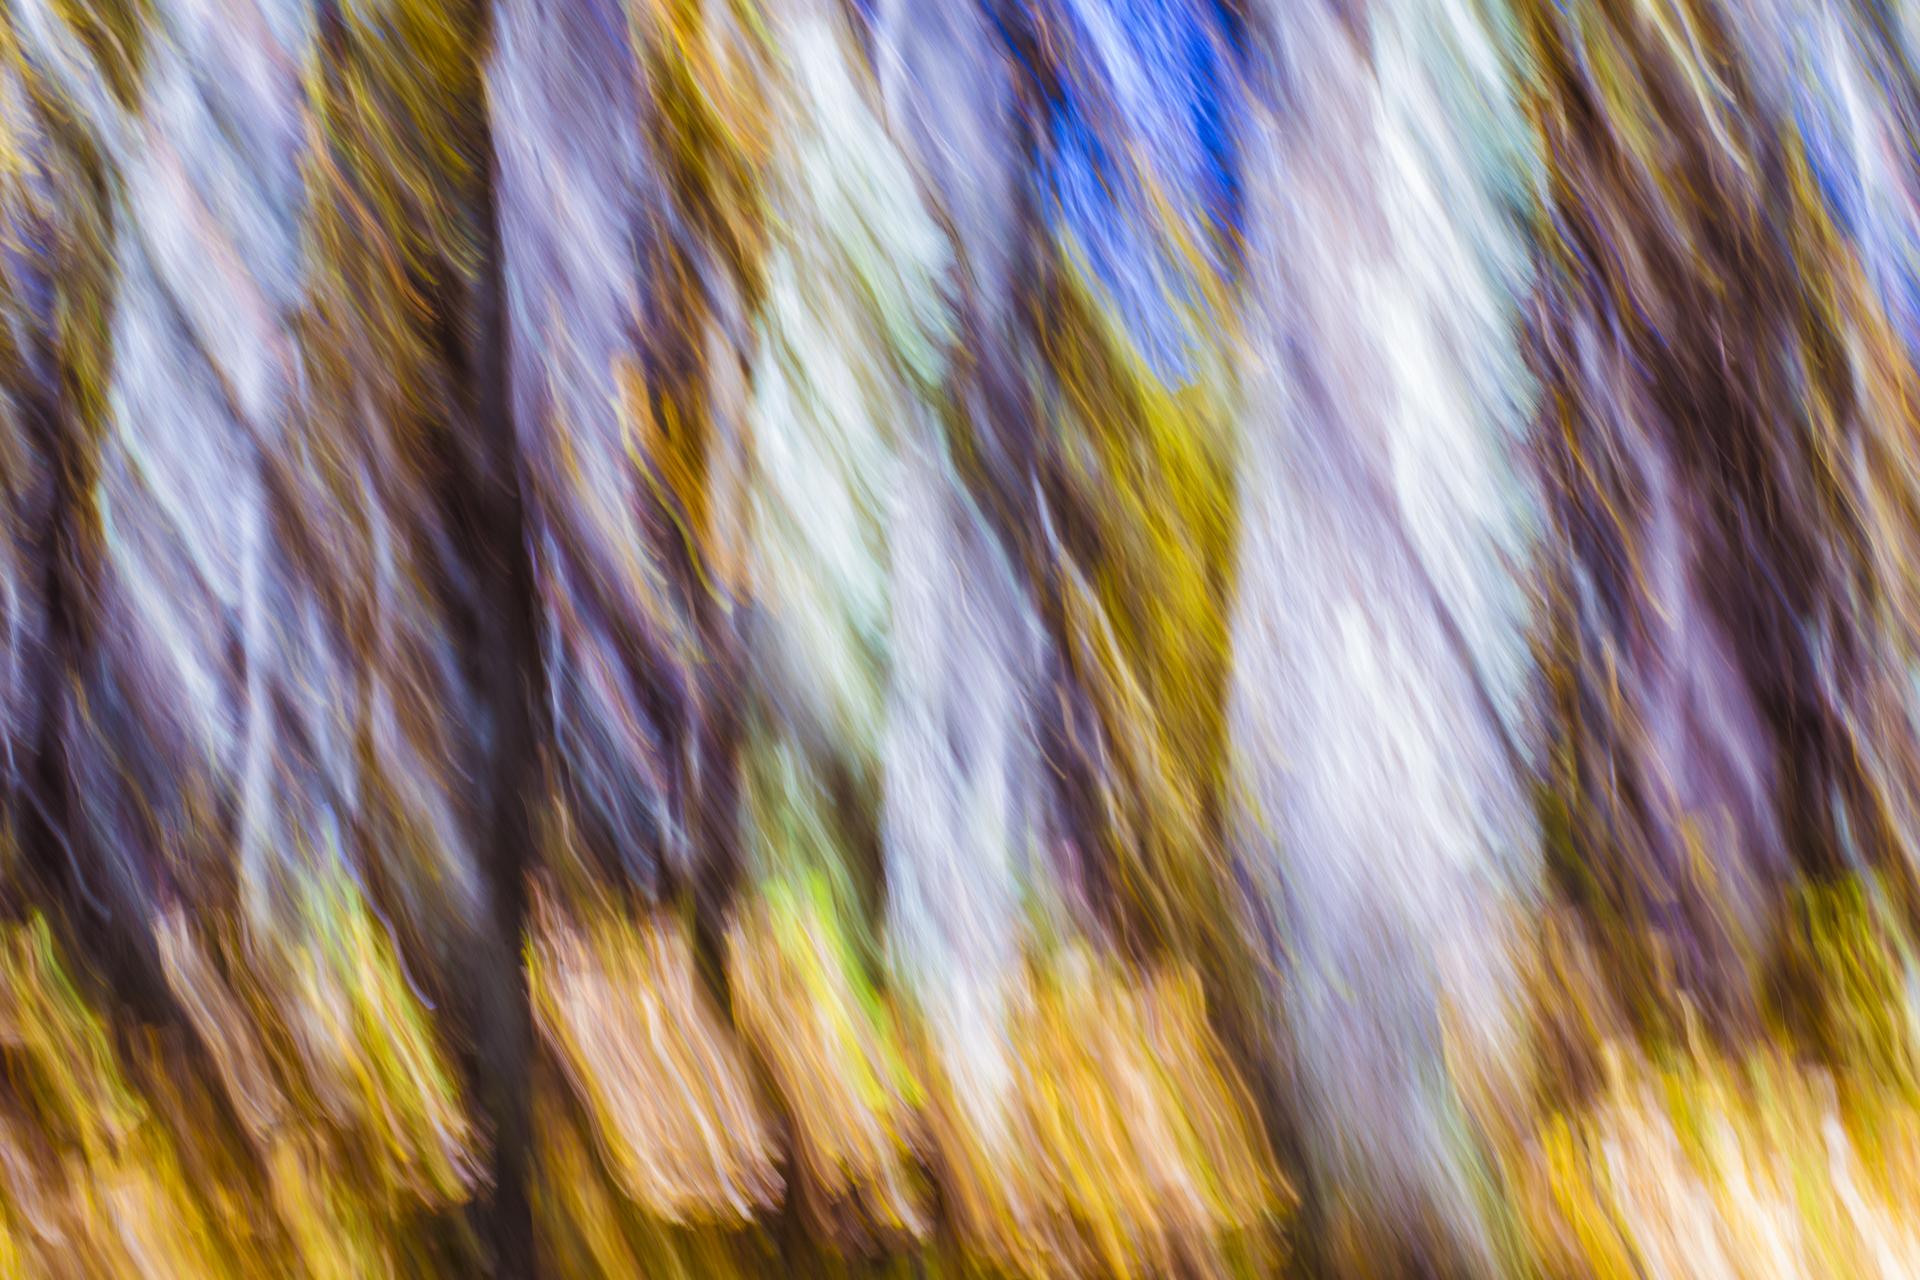 OC_AlleghenyForest_Abstract_2015-001.jpg